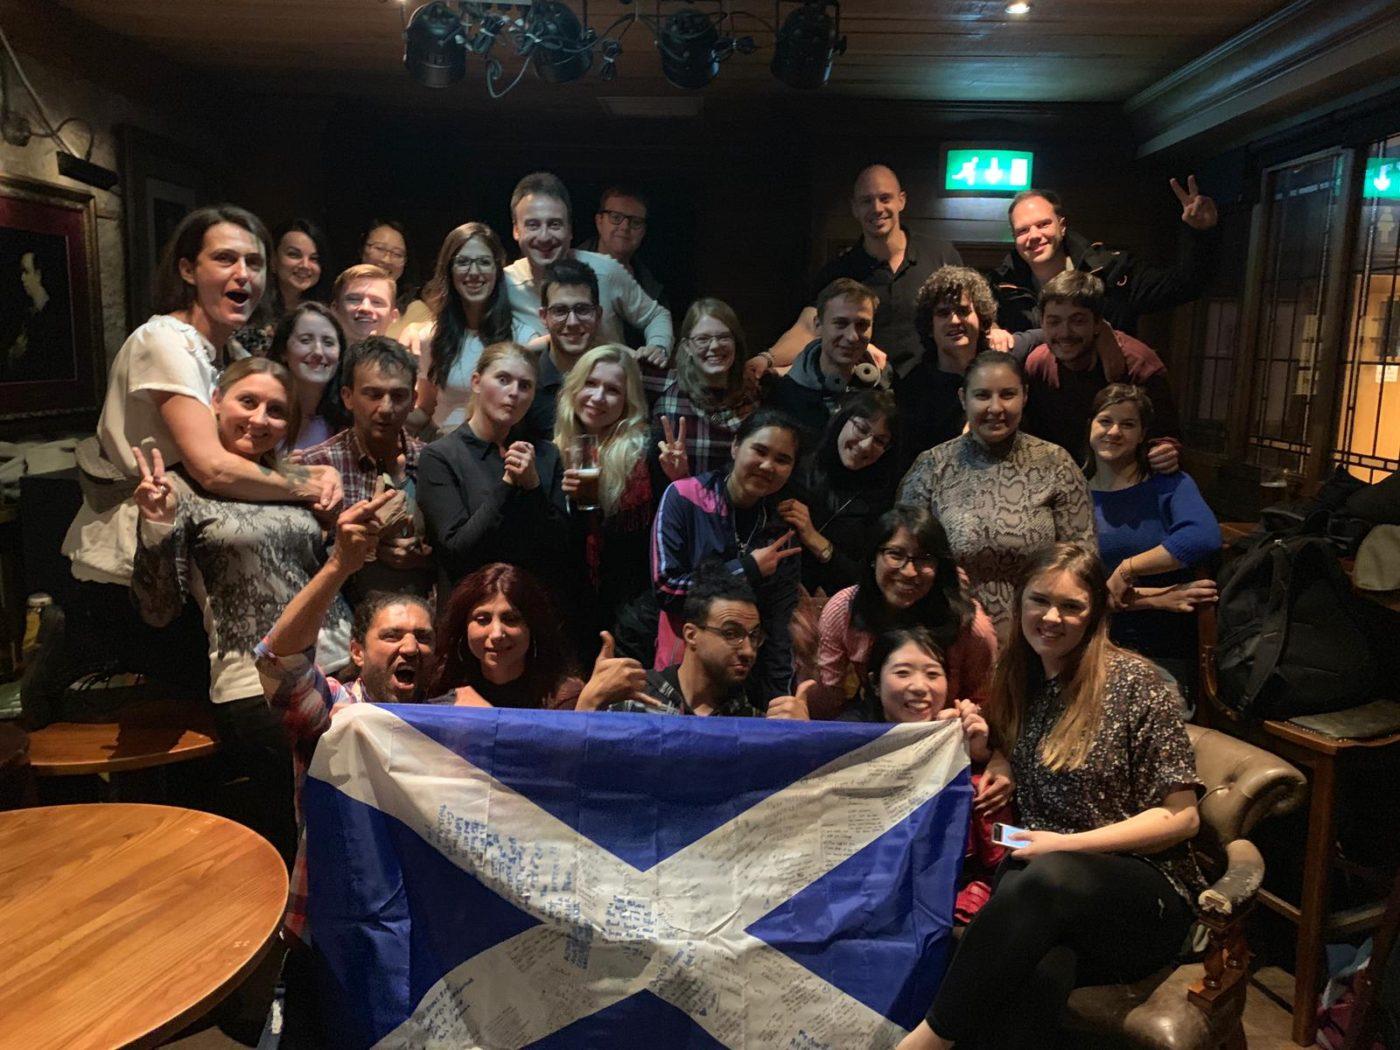 スコットランドを離れる前のお別れ会にて